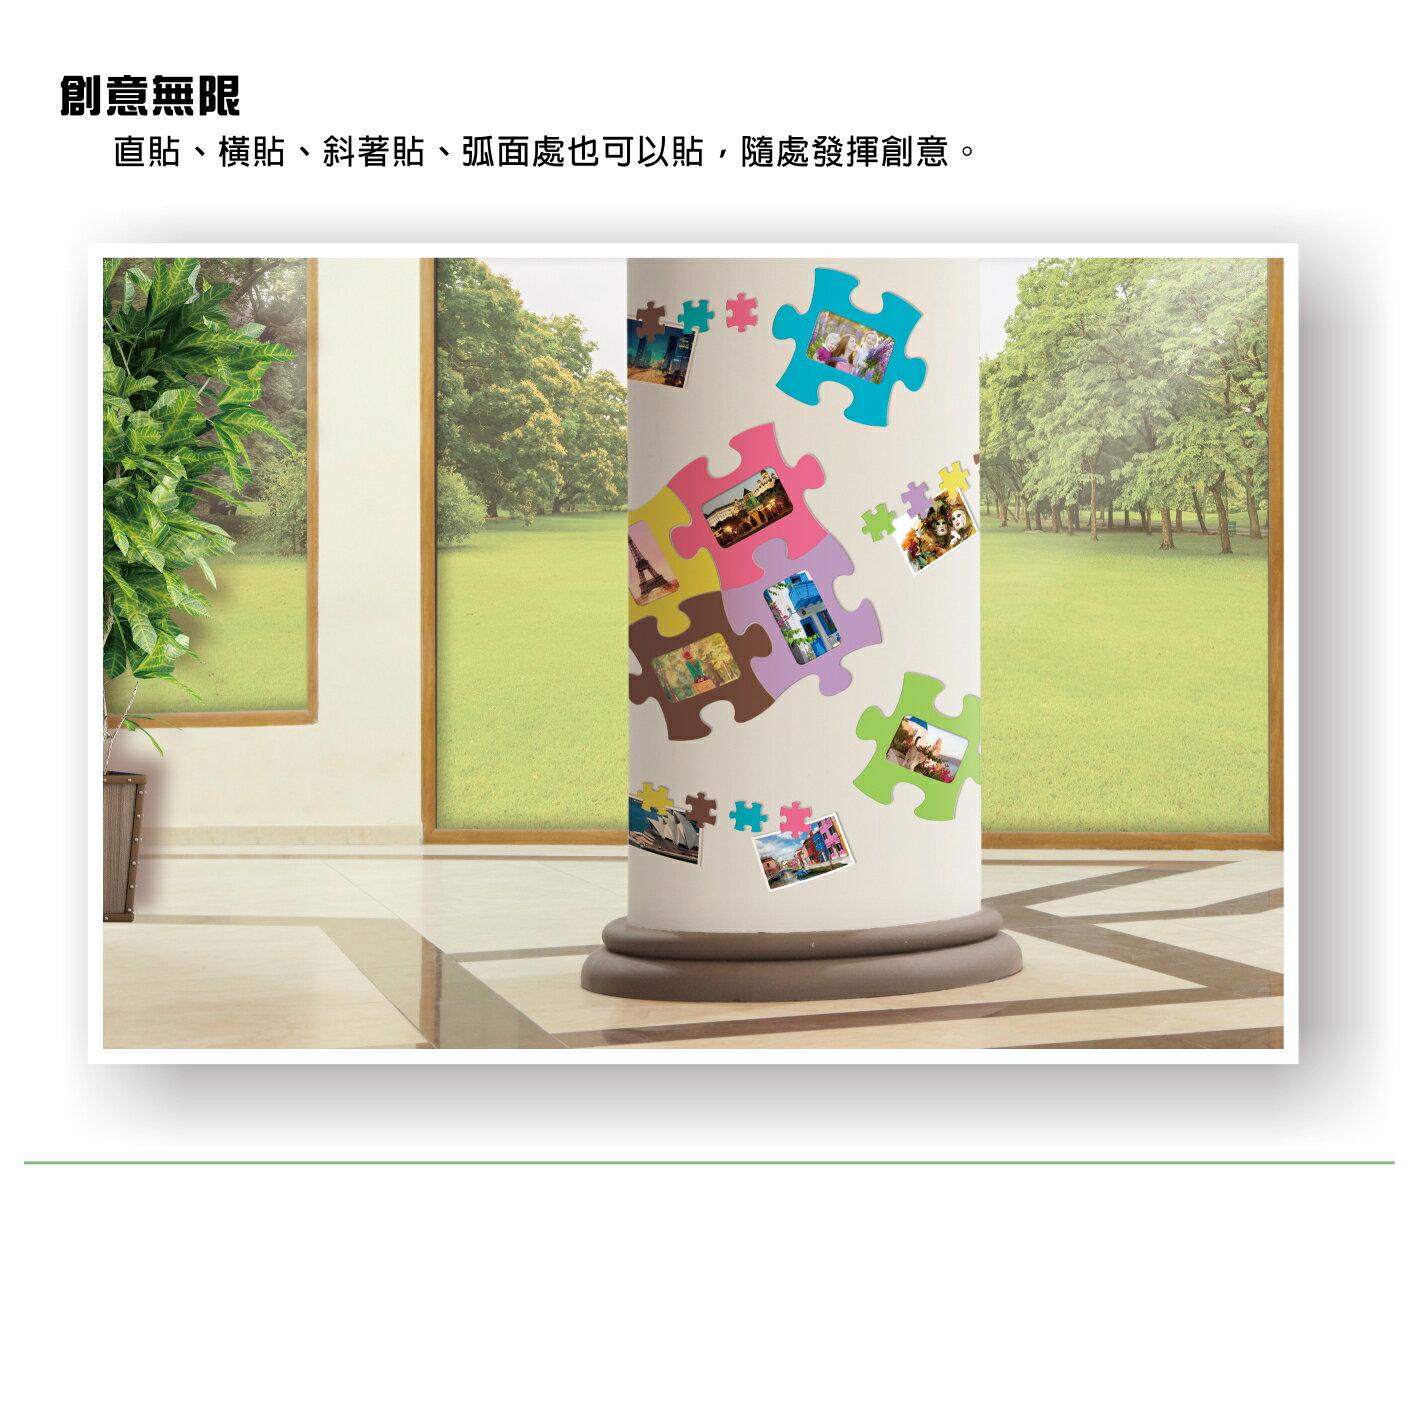 大威寶龍【隨興布相框】-玩色系列 6片組(350免運)/無痕自黏相框-布面裝飾壁貼不殘膠-照片牆 相片牆 重覆貼 8